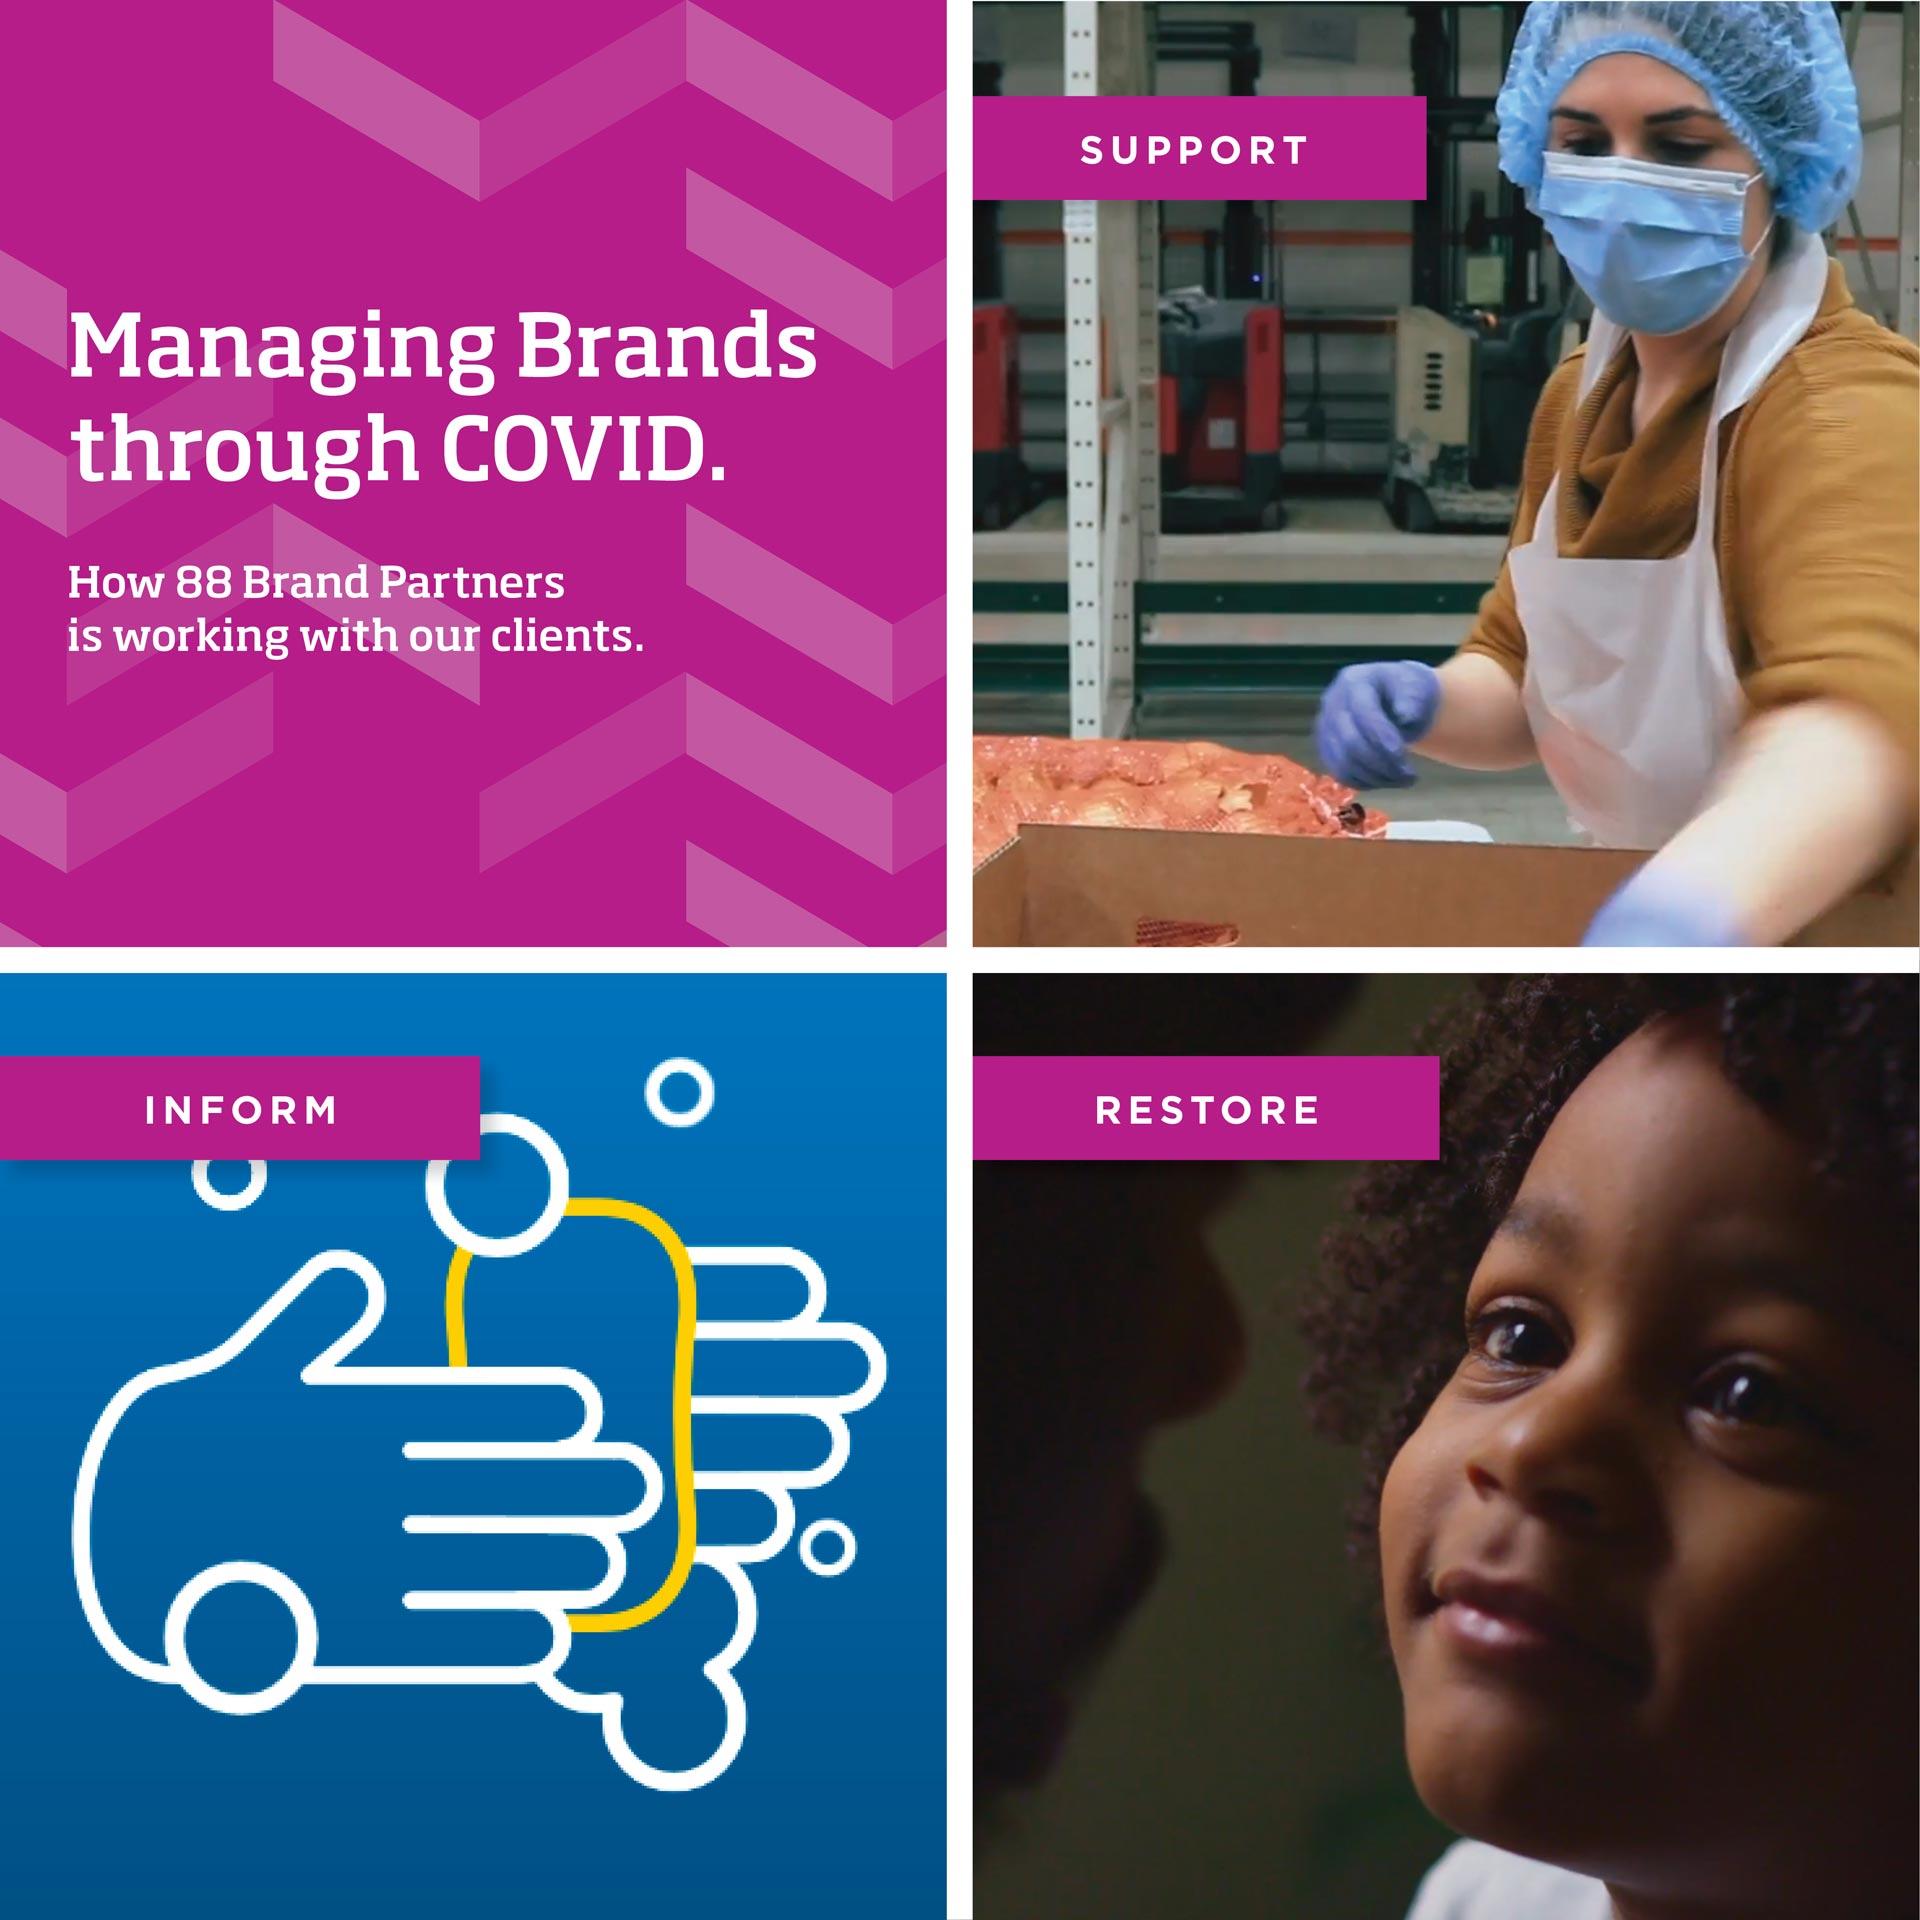 Managing Brands through COVID